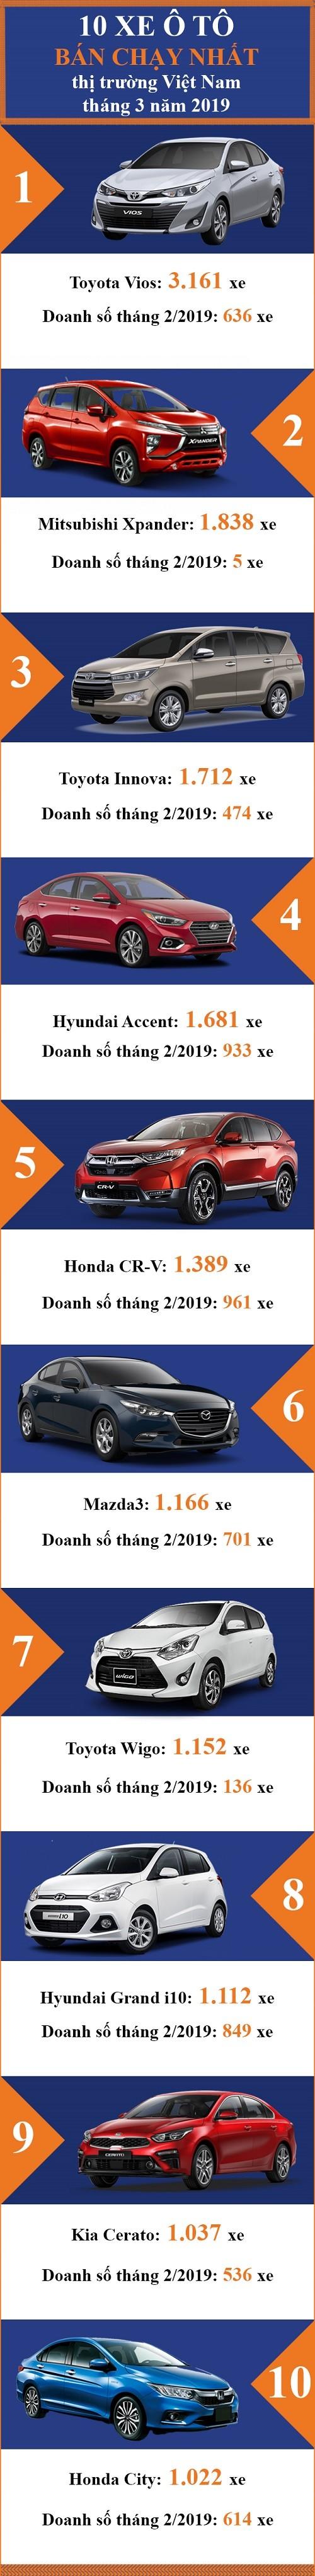 Top 10 mẫu ô tô bán chạy nhất thị trường Việt Nam tháng 3/2019